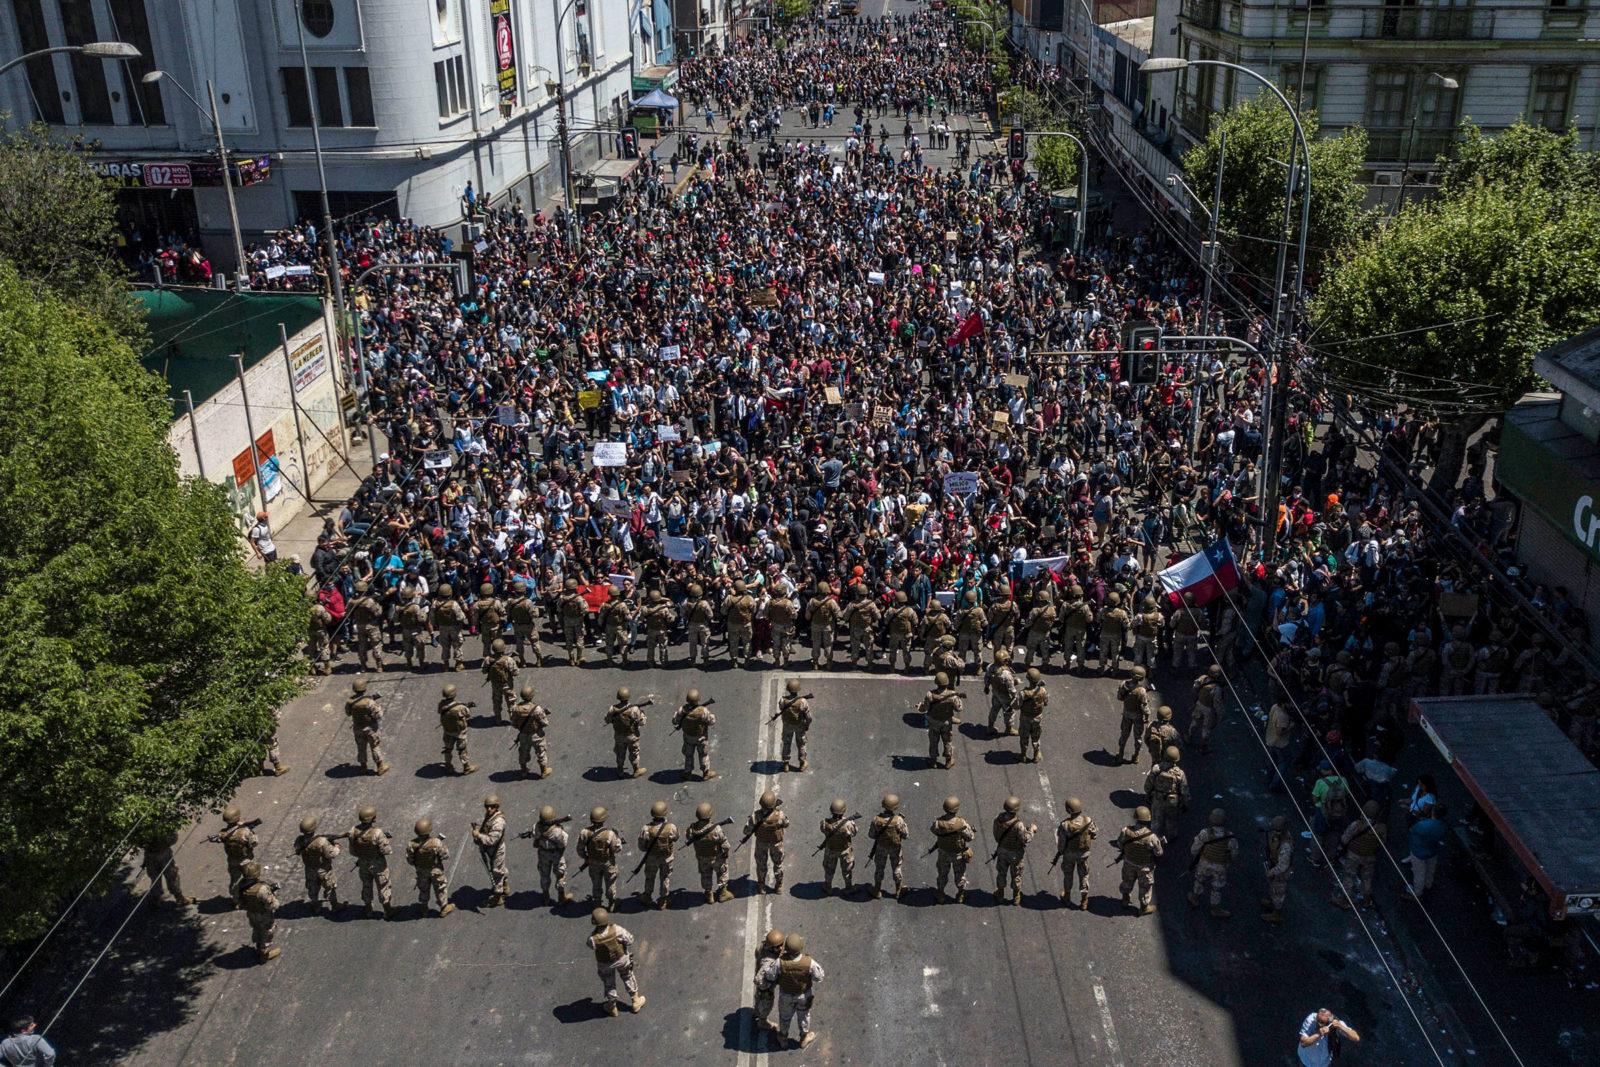 Η νεοφιλελεύθερη βόμβα εκρήγνυται στη Χιλή - Commonality